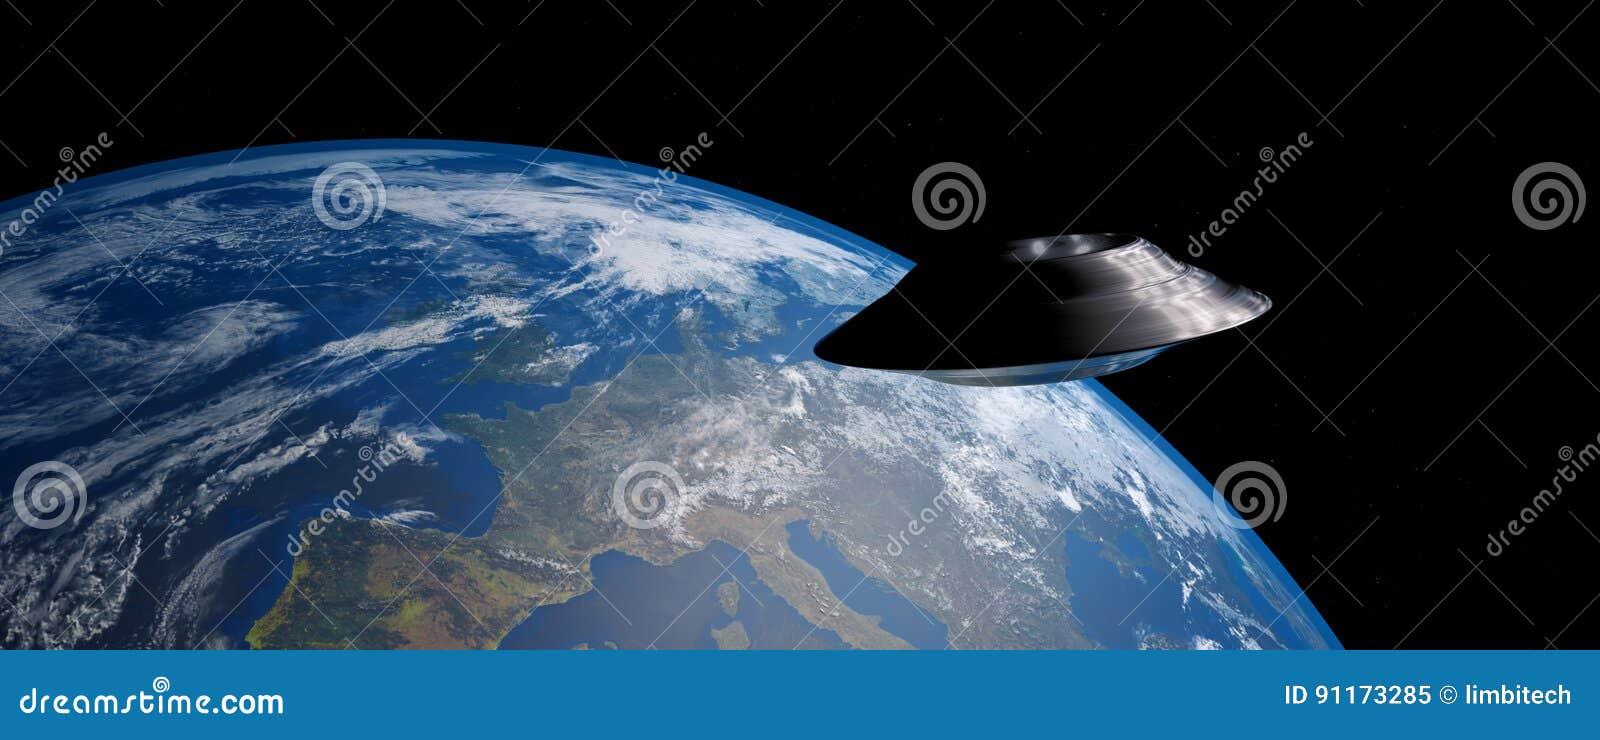 Den extremt detaljerade och realistiska höga bilden för upplösning 3D av en ufo/en ufo som kretsar kring jord, sköt från yttre ry